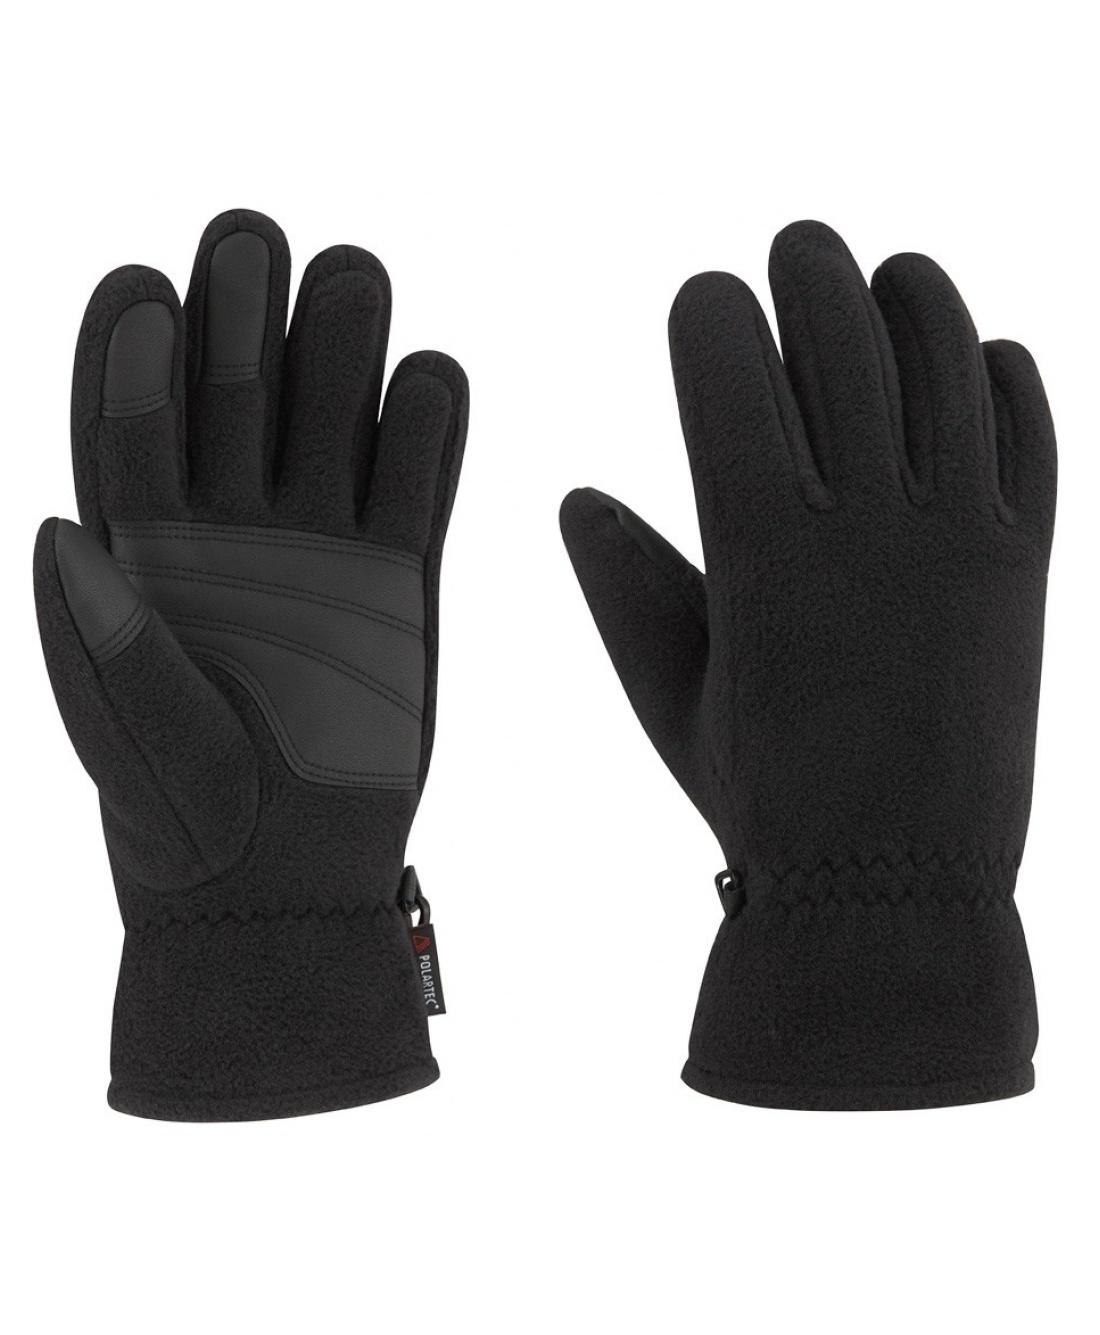 Перчатки Bask Windblock Glove Pro, черные, S